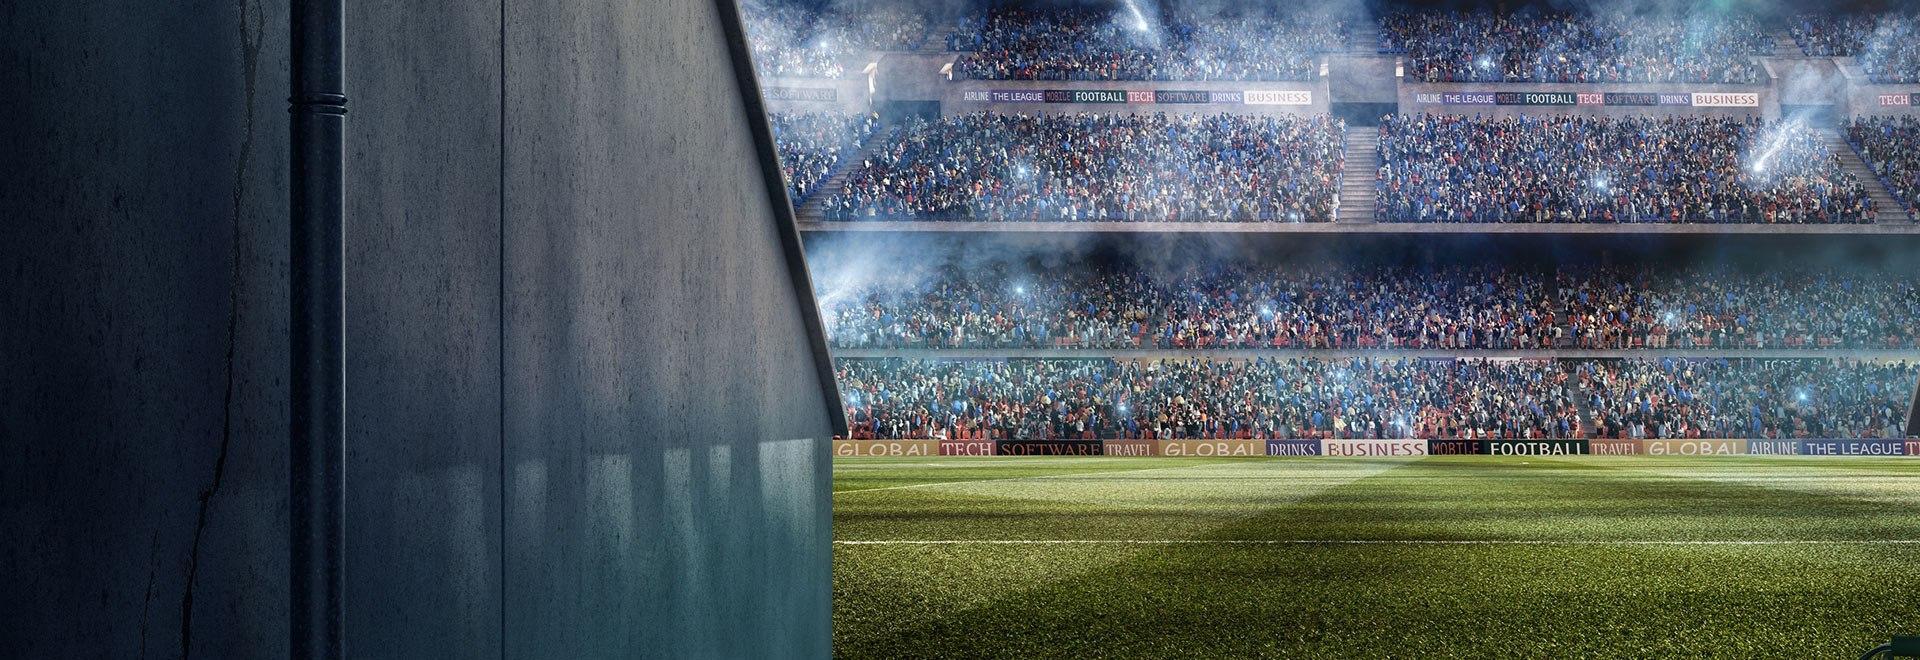 Juventus U23 - Carrarese. 37a g.